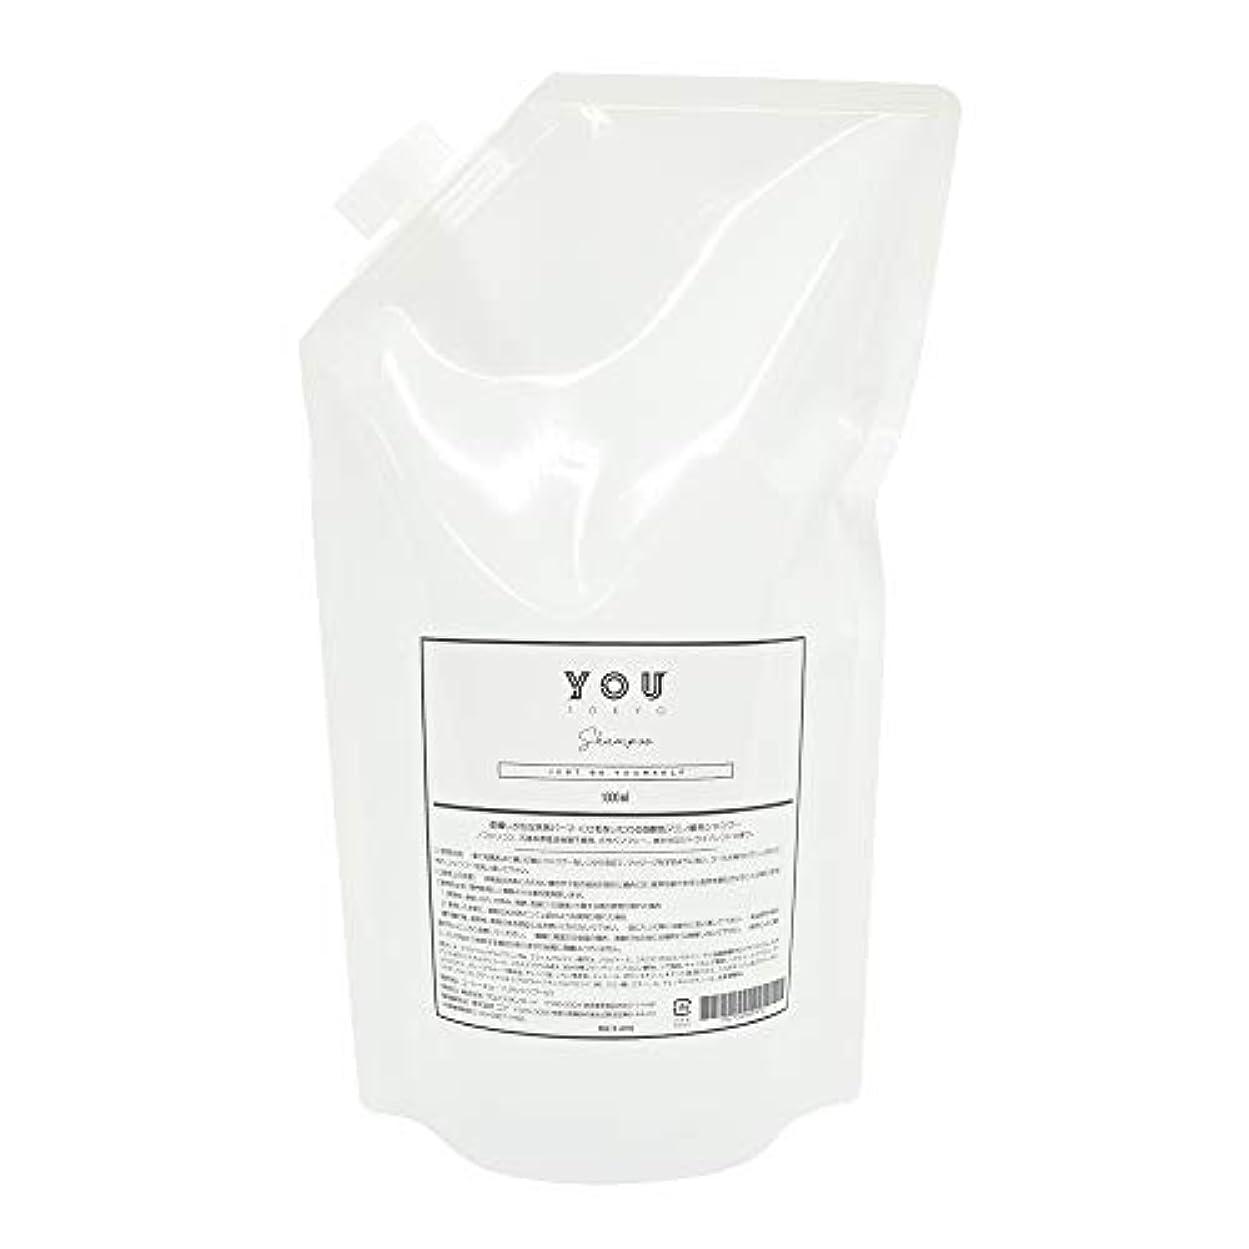 ママキャンベラ買うYOUTOKYO(ユートーキョー)チリ毛 シャンプー トリートメント アミノ酸 洗浄 肌に潤い 保湿 (シャンプー パウチ 1000ml)